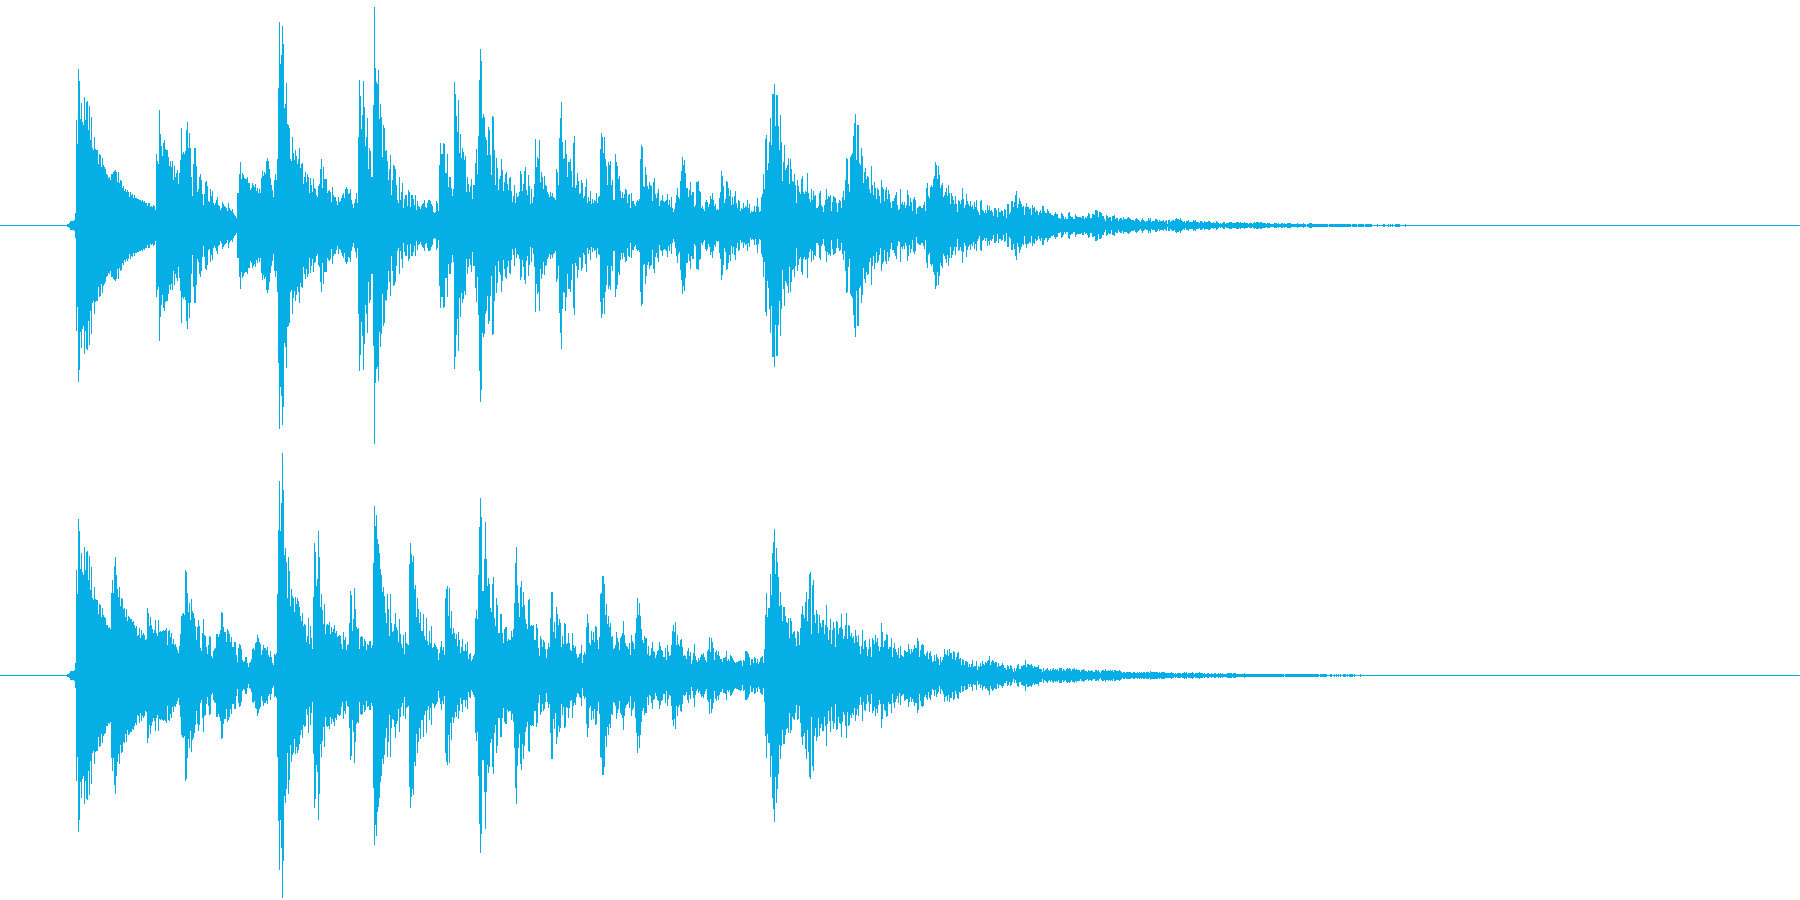 生演奏:ステレオディレイの和音ピチカートの再生済みの波形